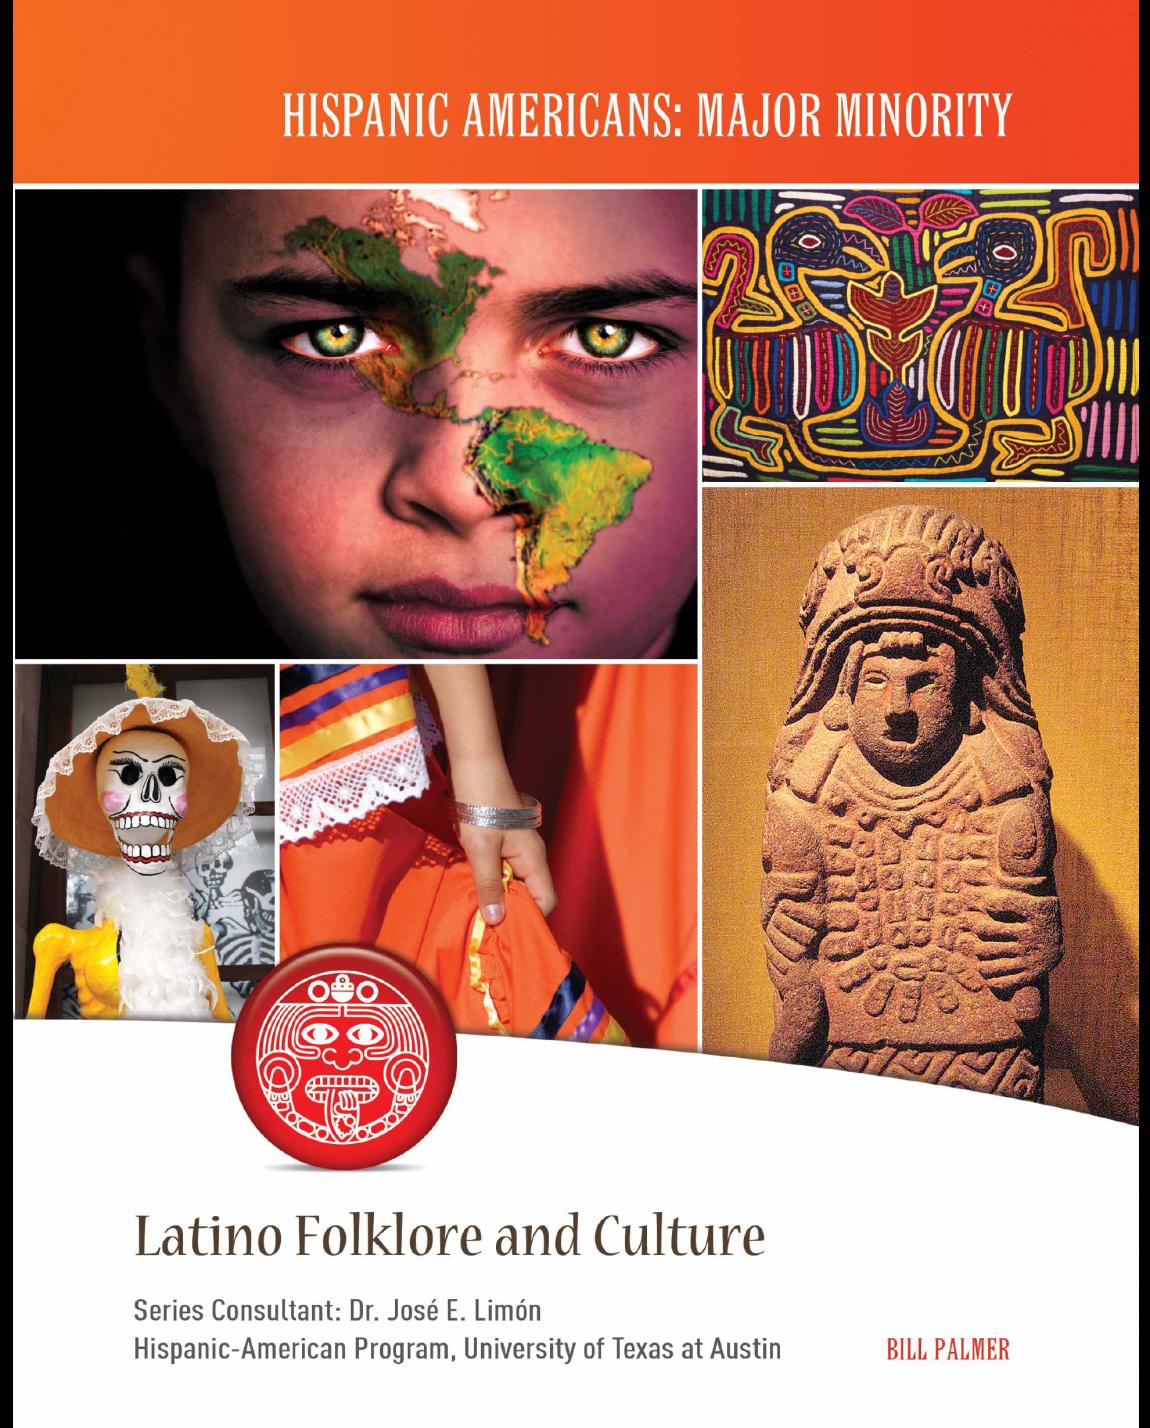 latino-folklore-01.png